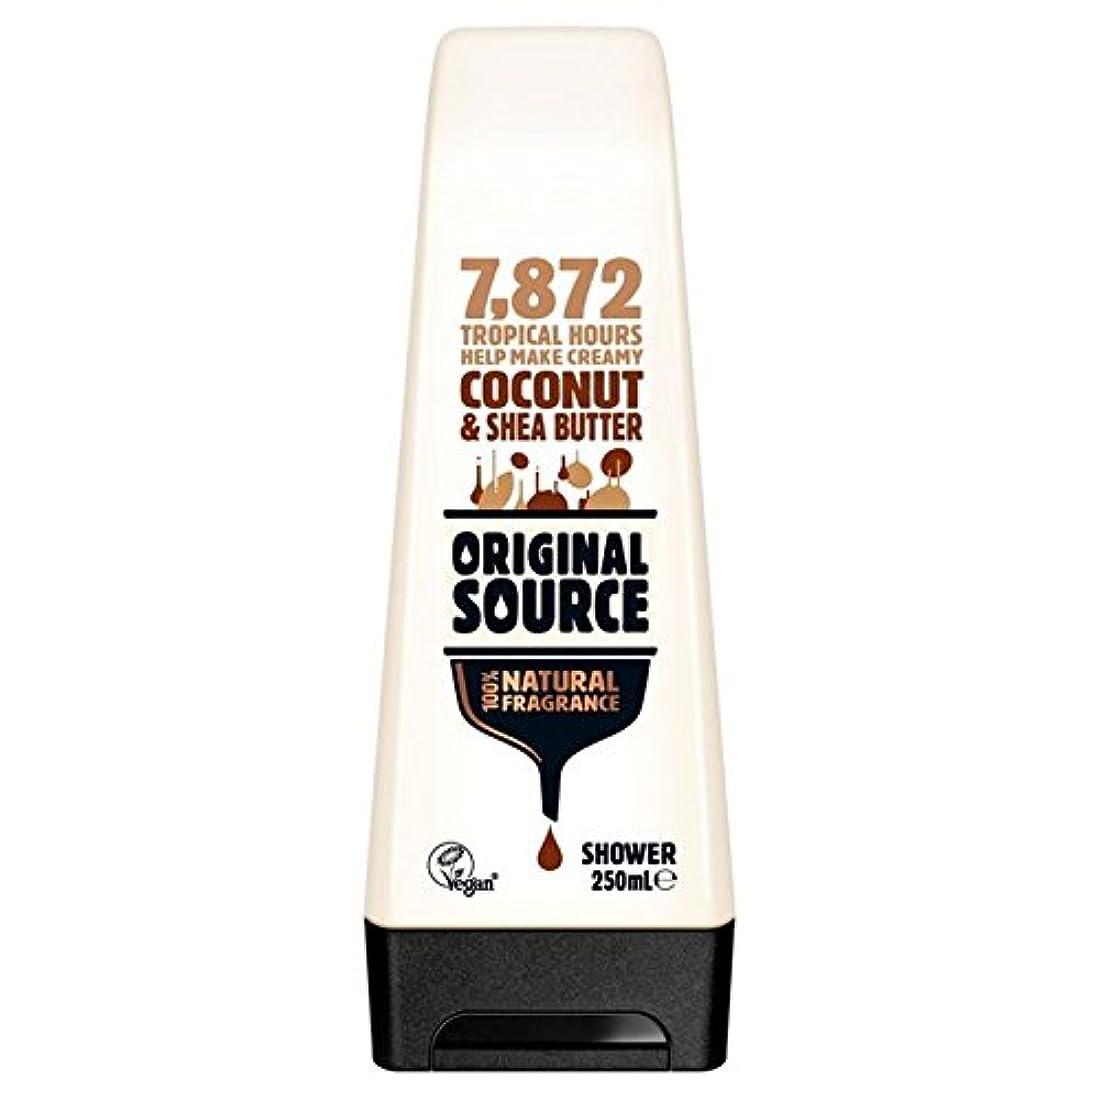 暴力困惑サルベージOriginal Source Moisturising Coconut & Shea Butter Shower Gel 250ml - 元のソース保湿ココナッツ&シアバターシャワージェル250ミリリットル [並行輸入品]